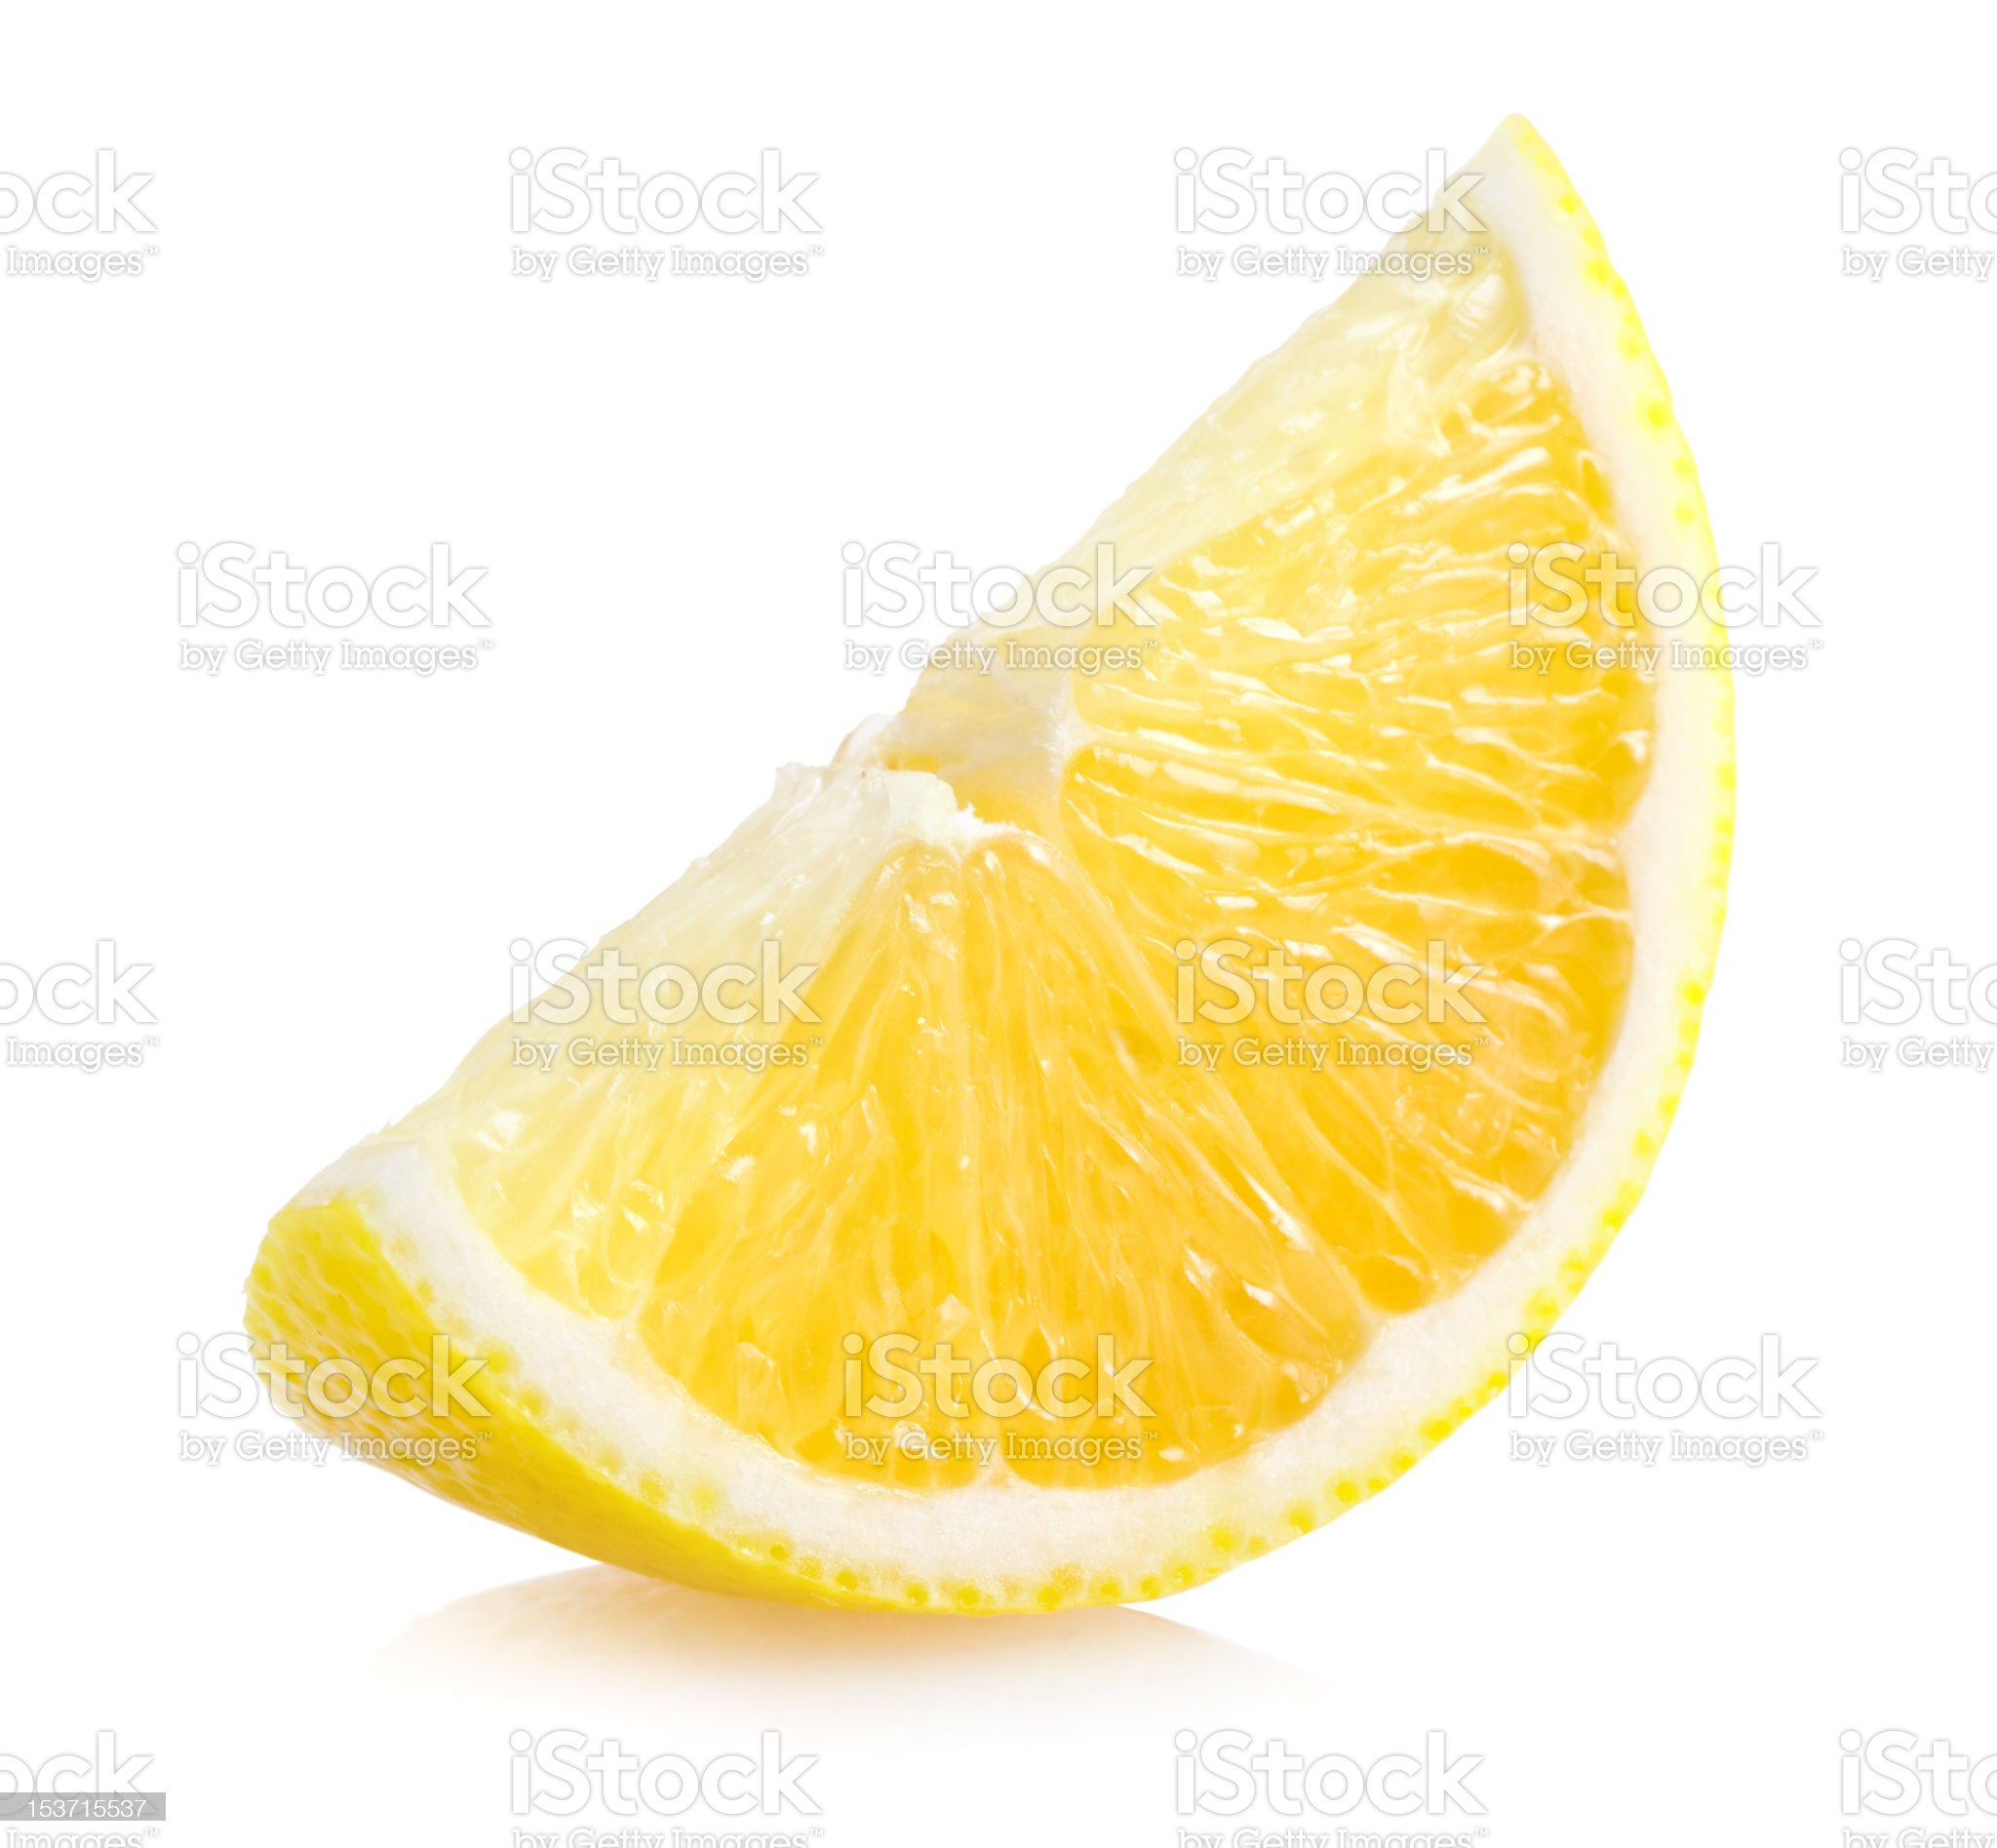 Slice of lemon isolated on white background royalty-free stock photo